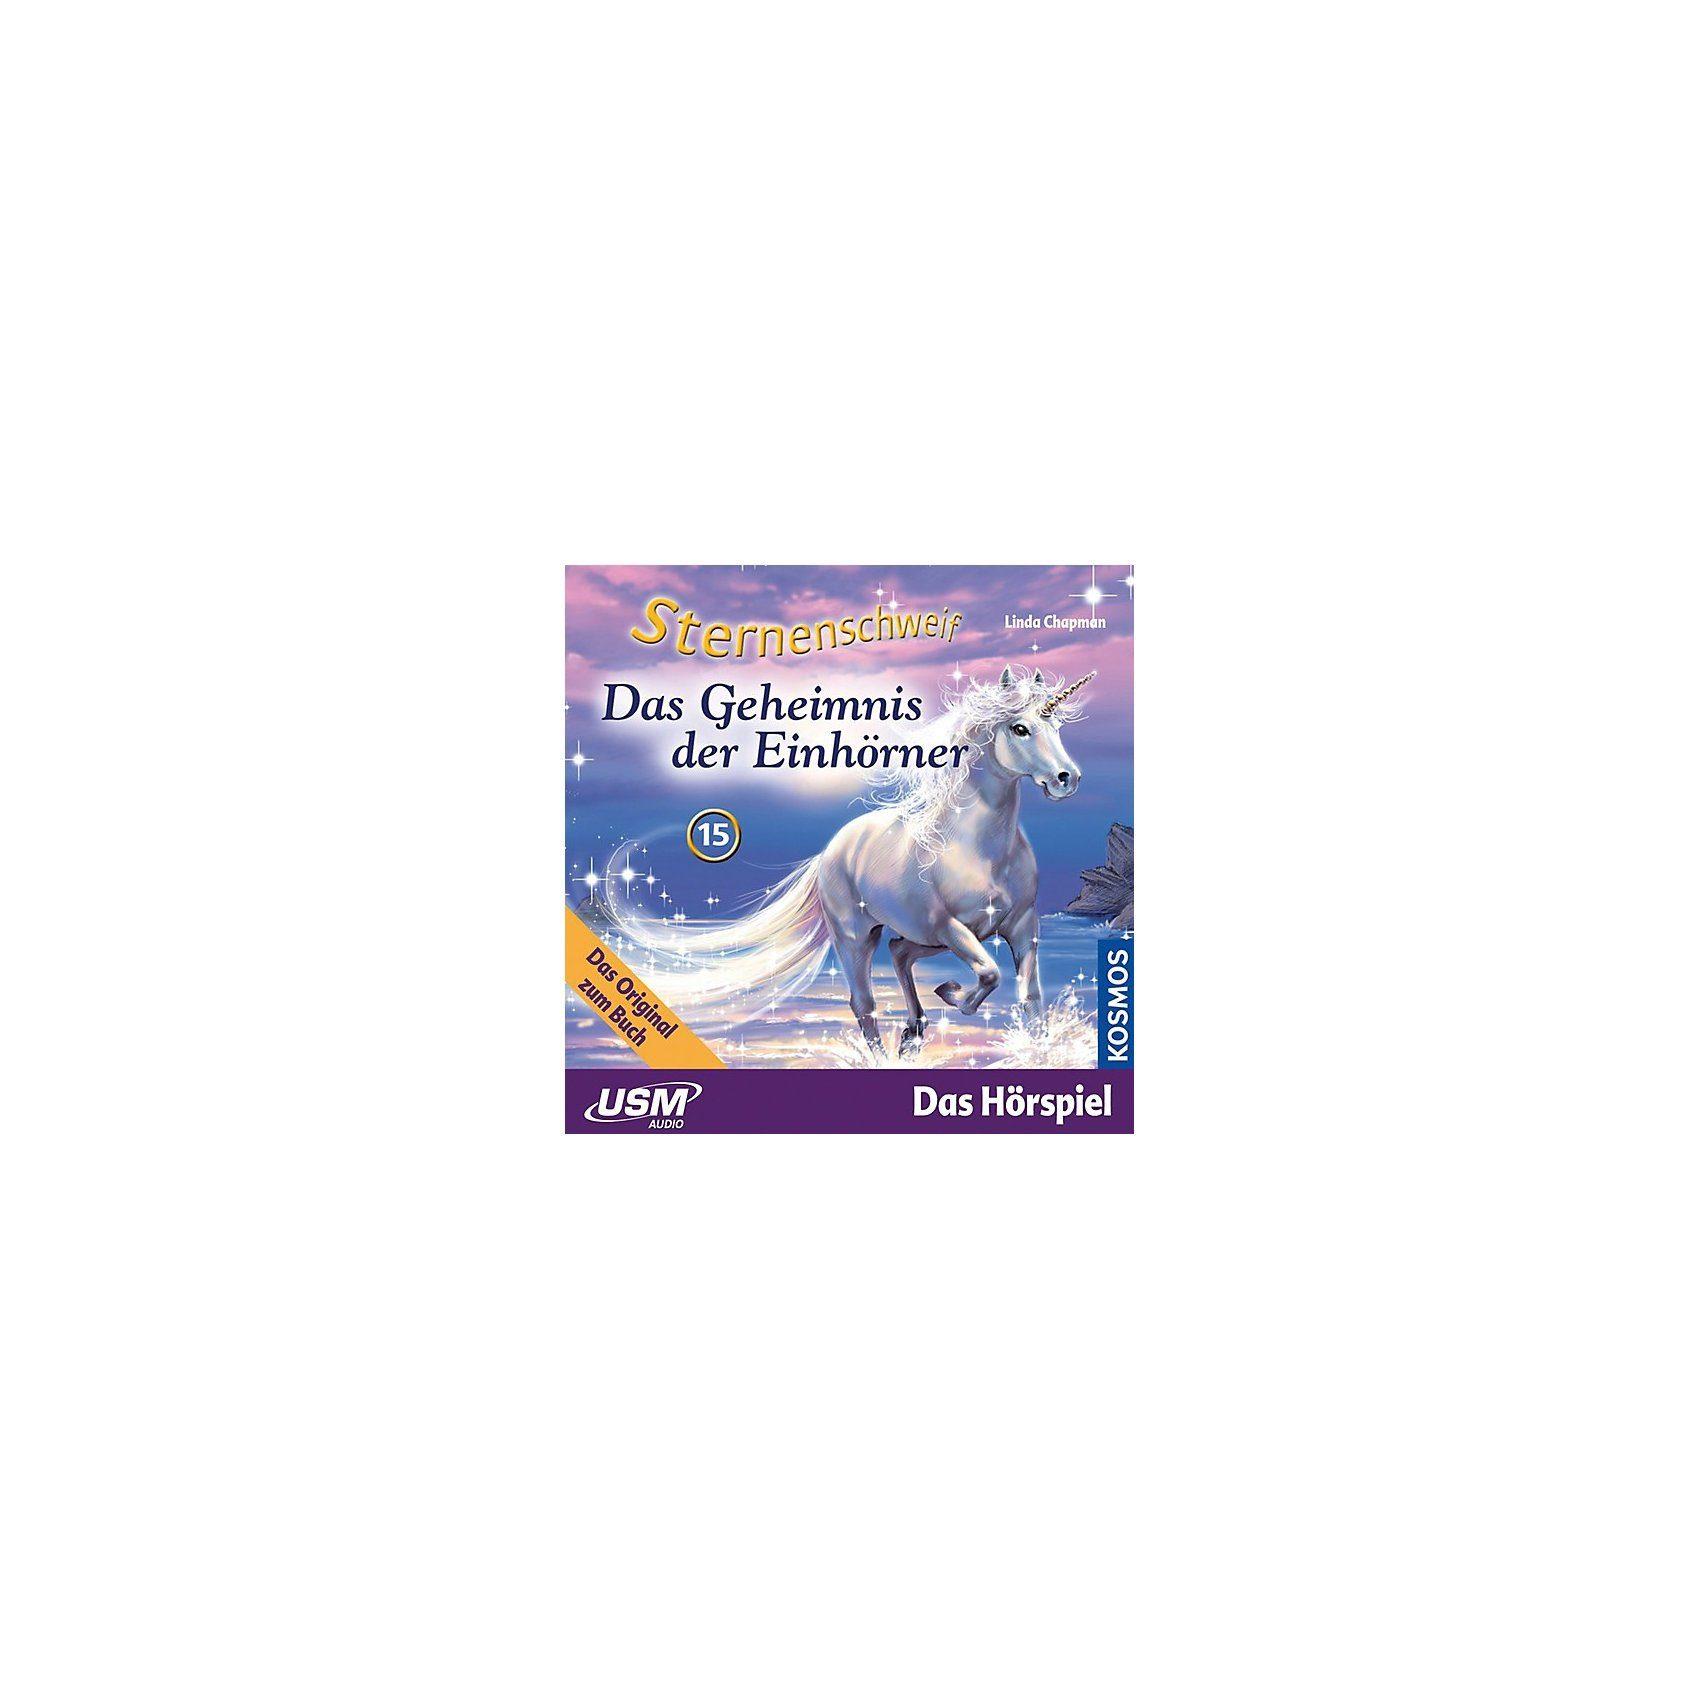 United Soft Media CD Sternenschweif 15 - Das Geheimnis der Einhörner